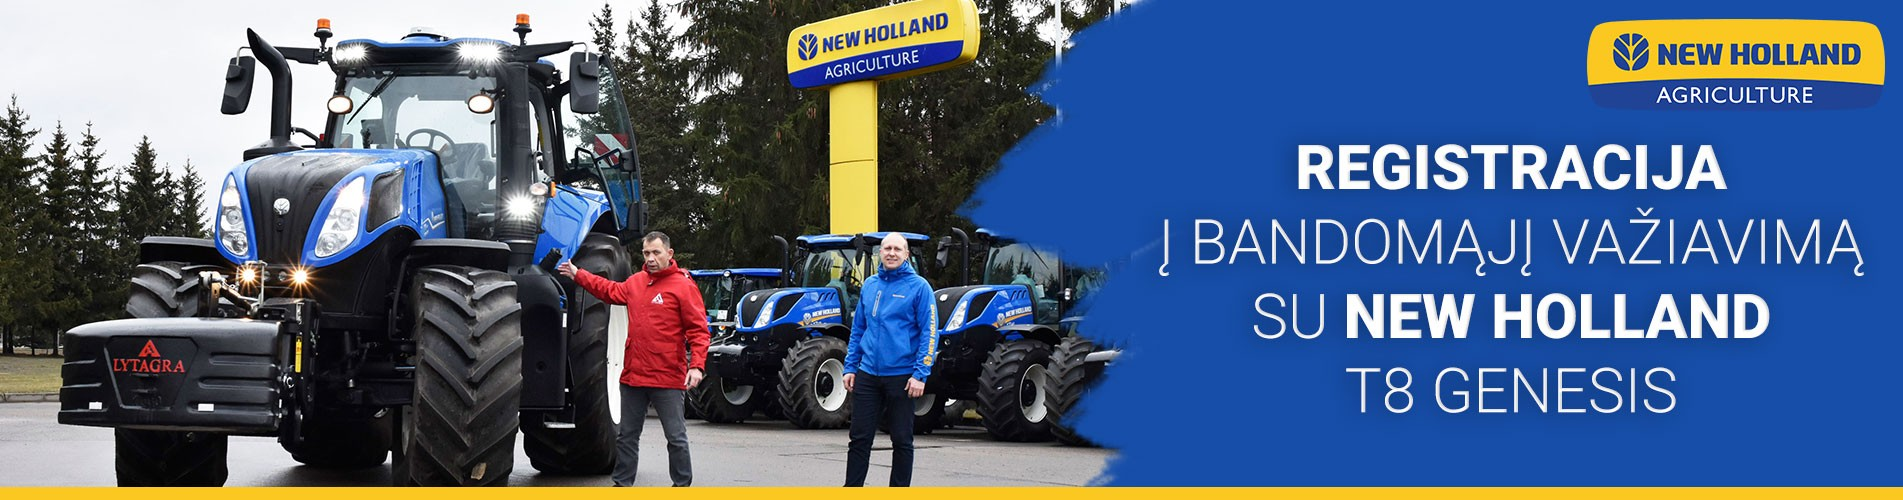 Registracija į bandomąjį važiavimą su NEW HOLLAND T8 GENESIS!